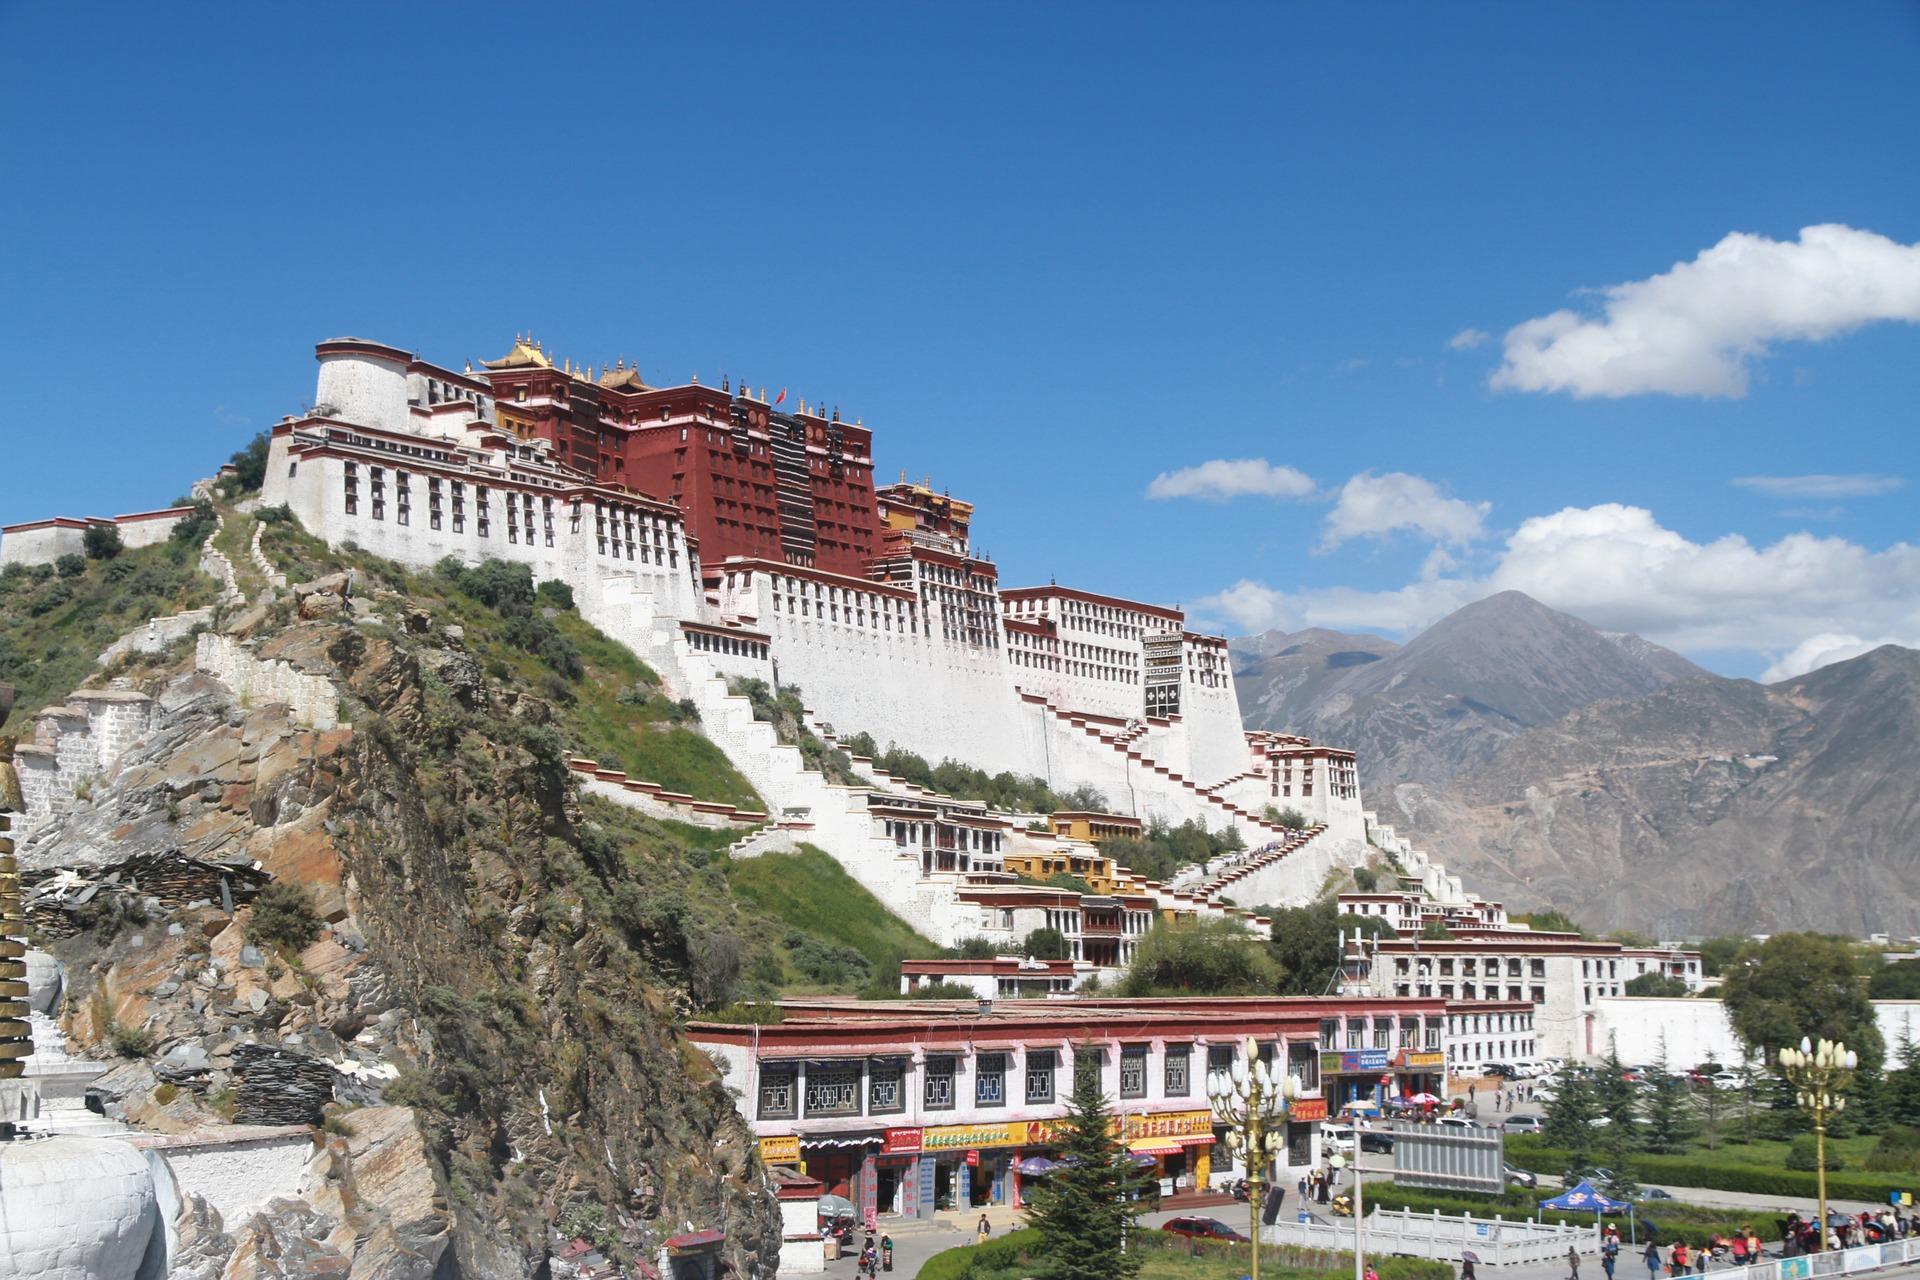 Simply Lhasa - Potala Palace, Lhasa, Tibet